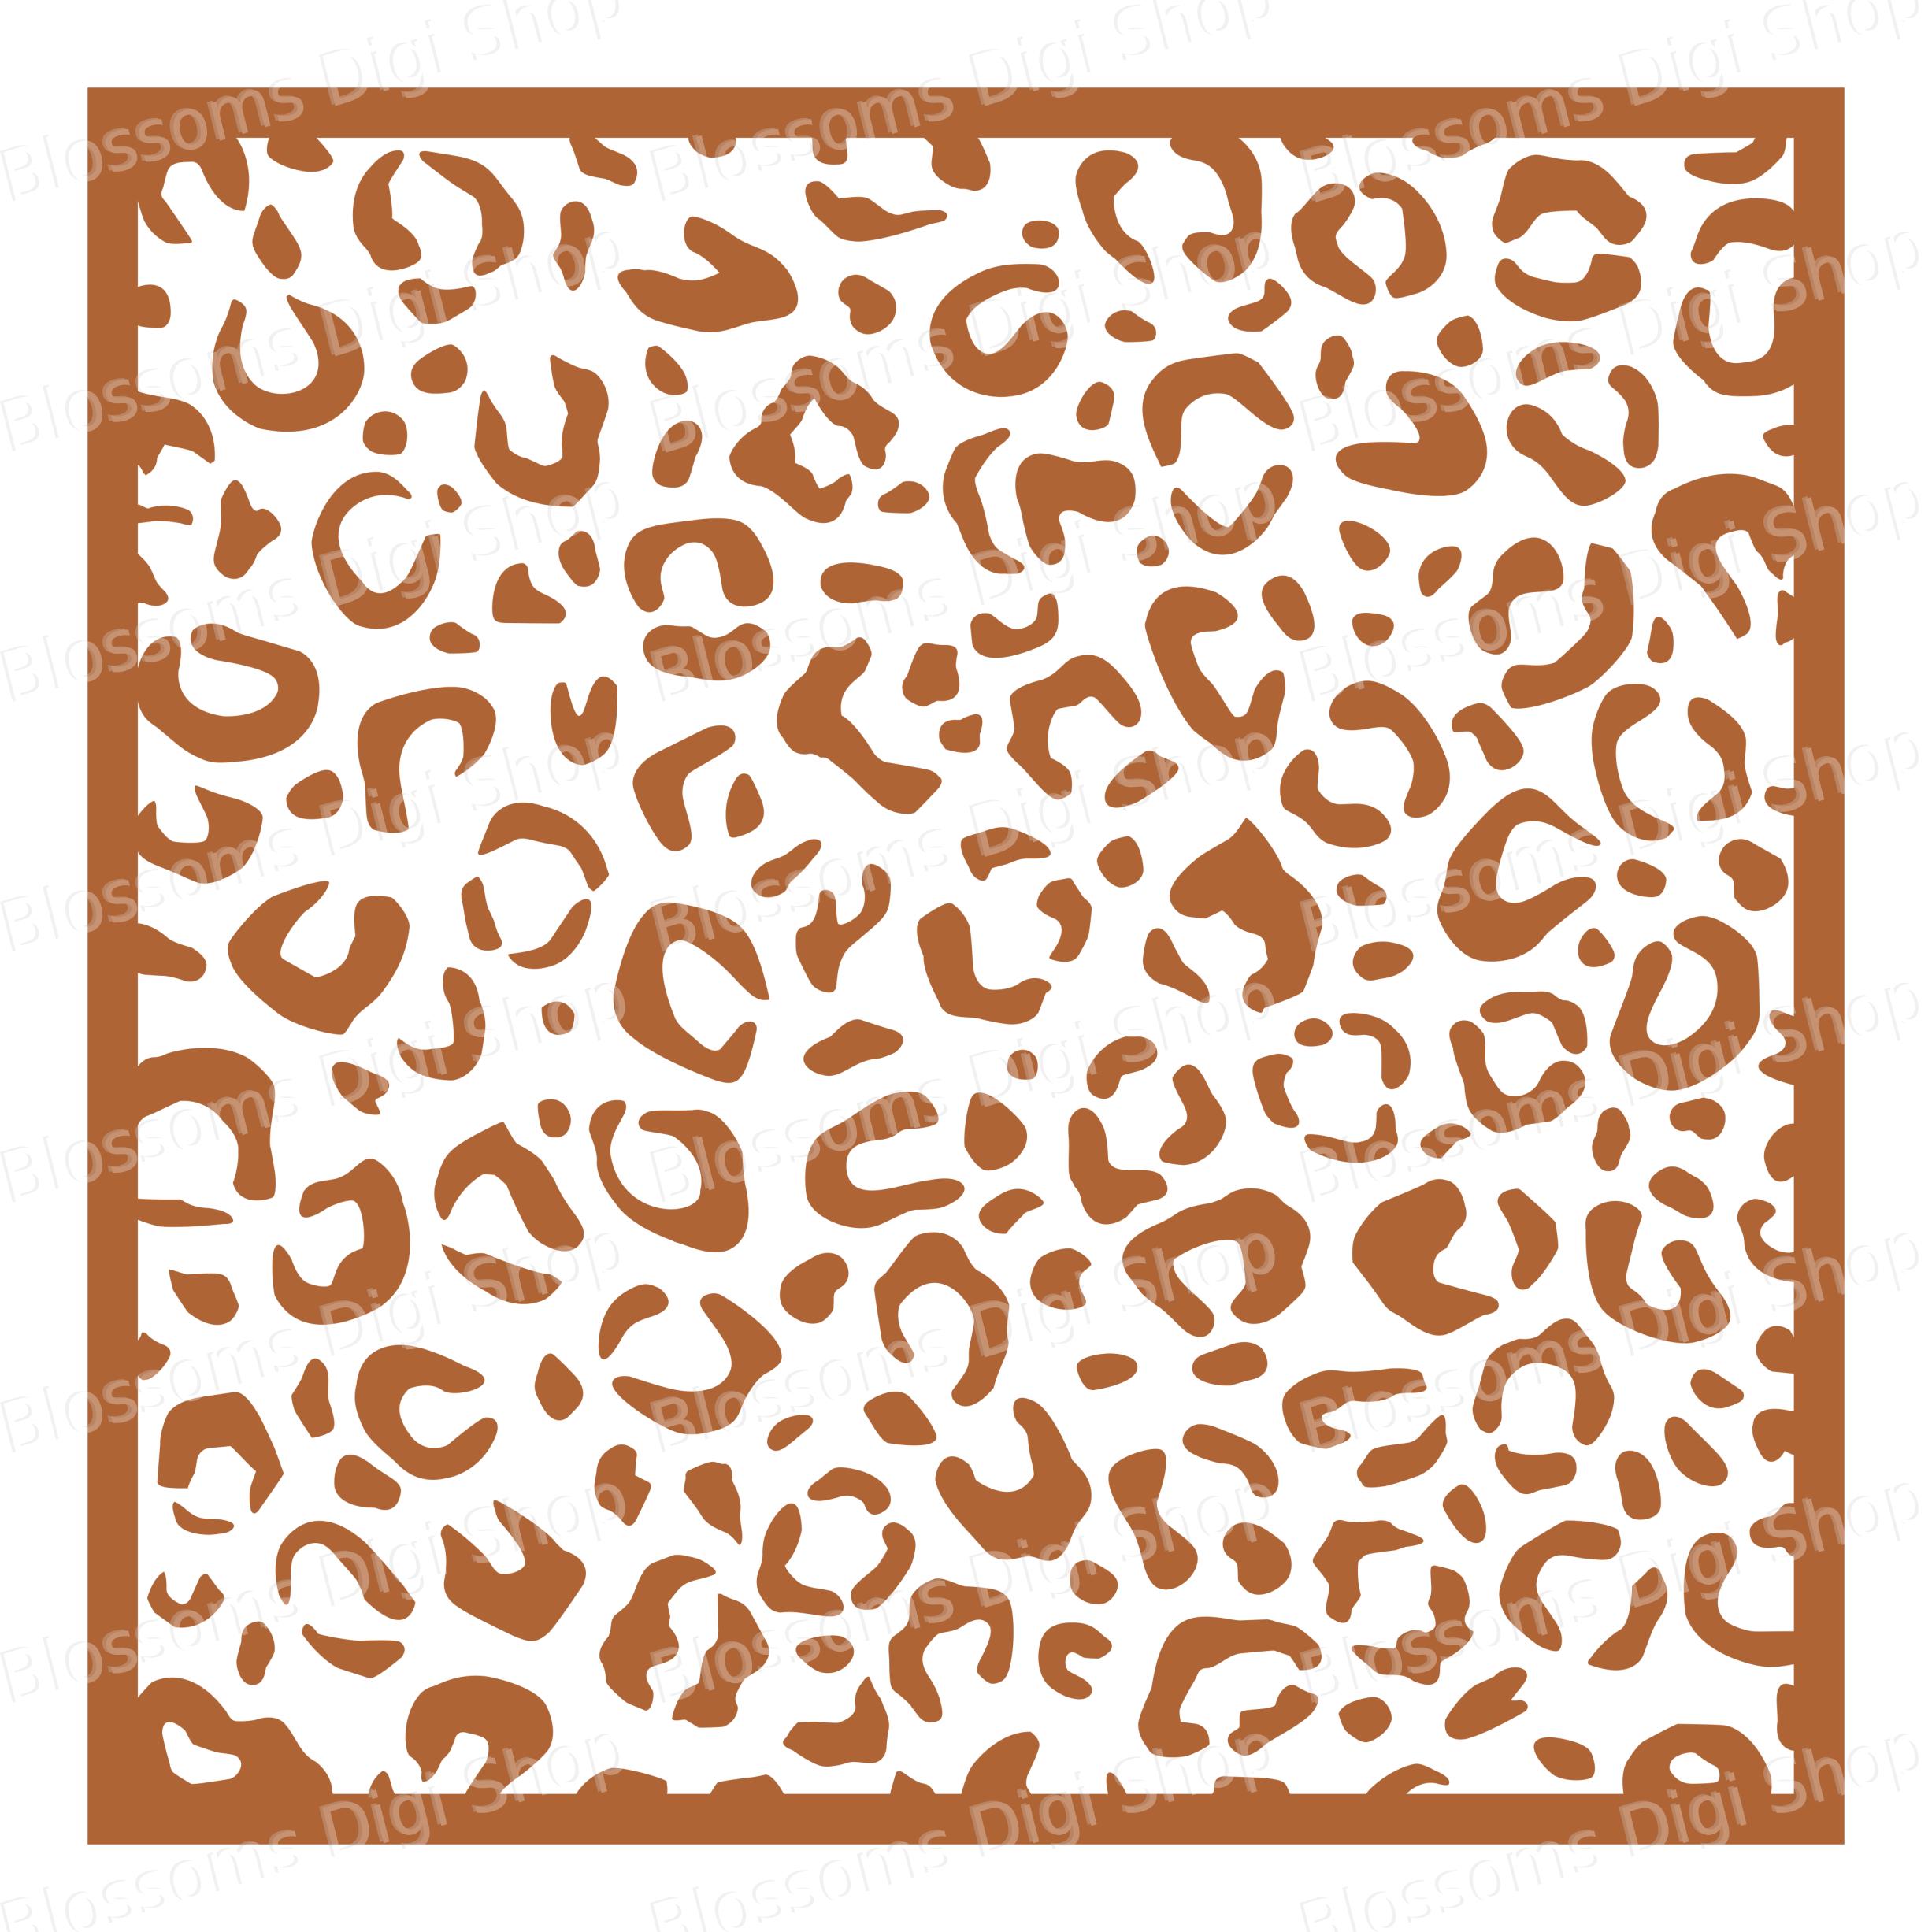 Animal print svg bundle, digital download, eps vector file